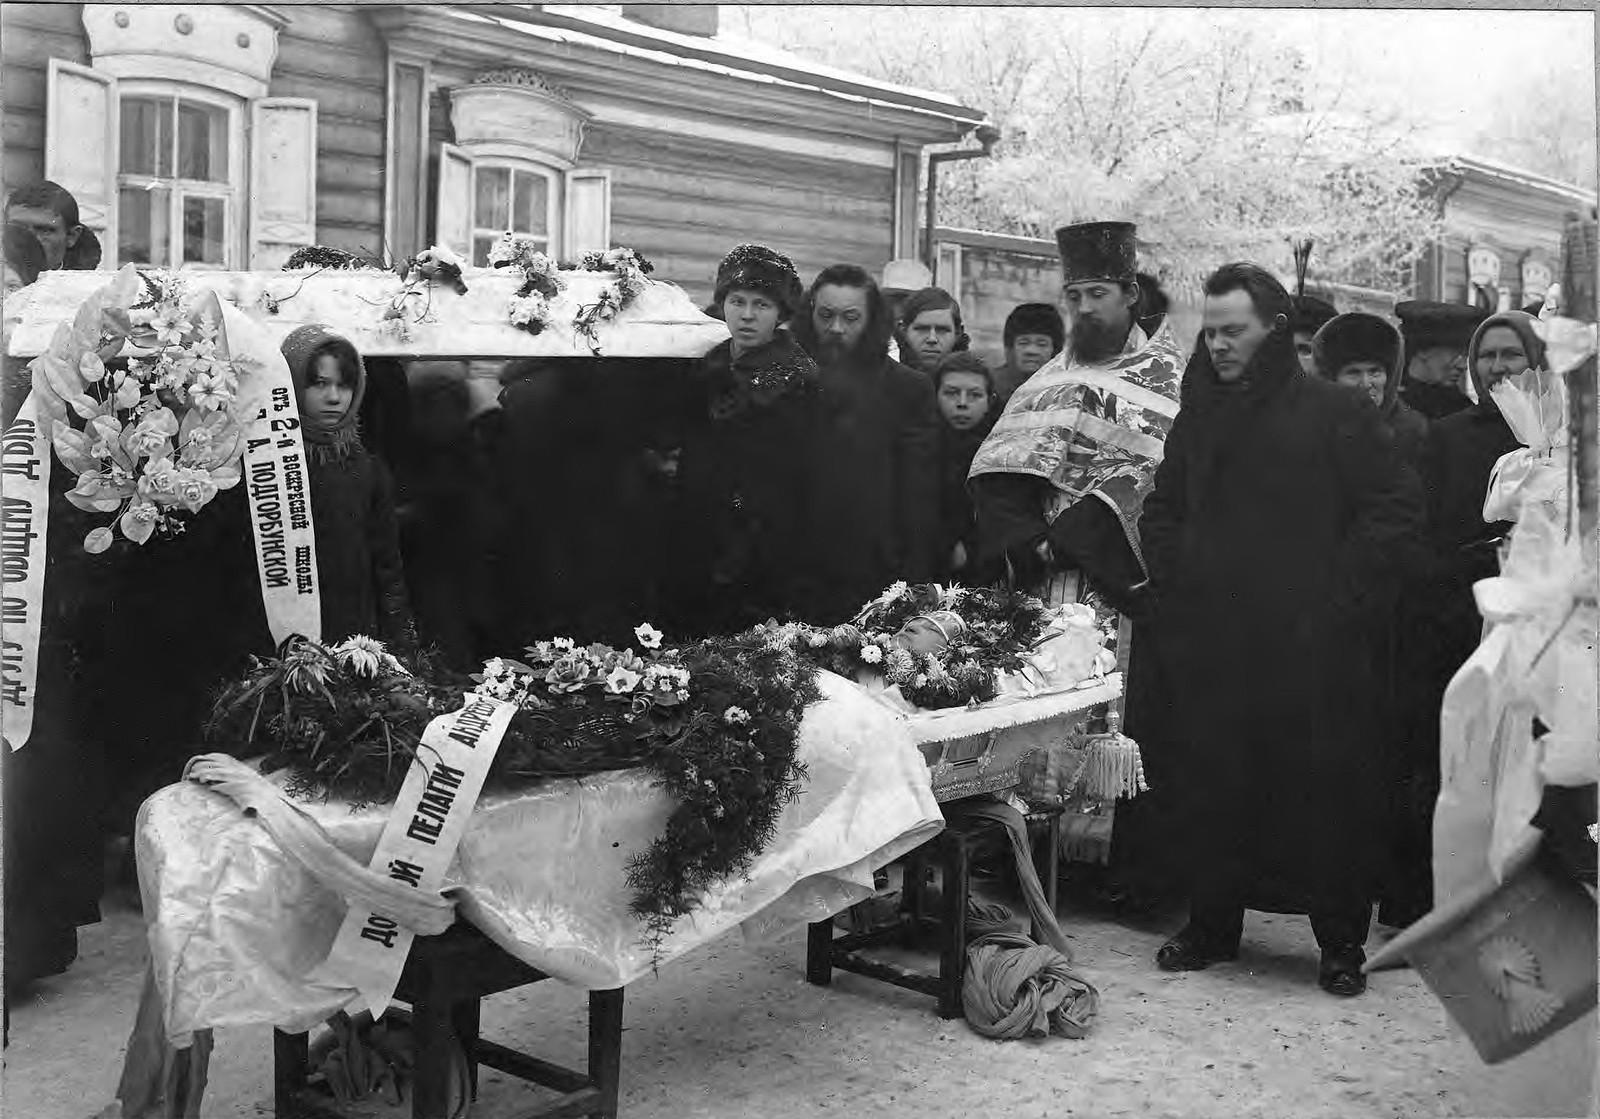 1910. Похоронная процессия возле гроба Подгорбунской Пелагие Андреевны, супруги священника Подгорбунского